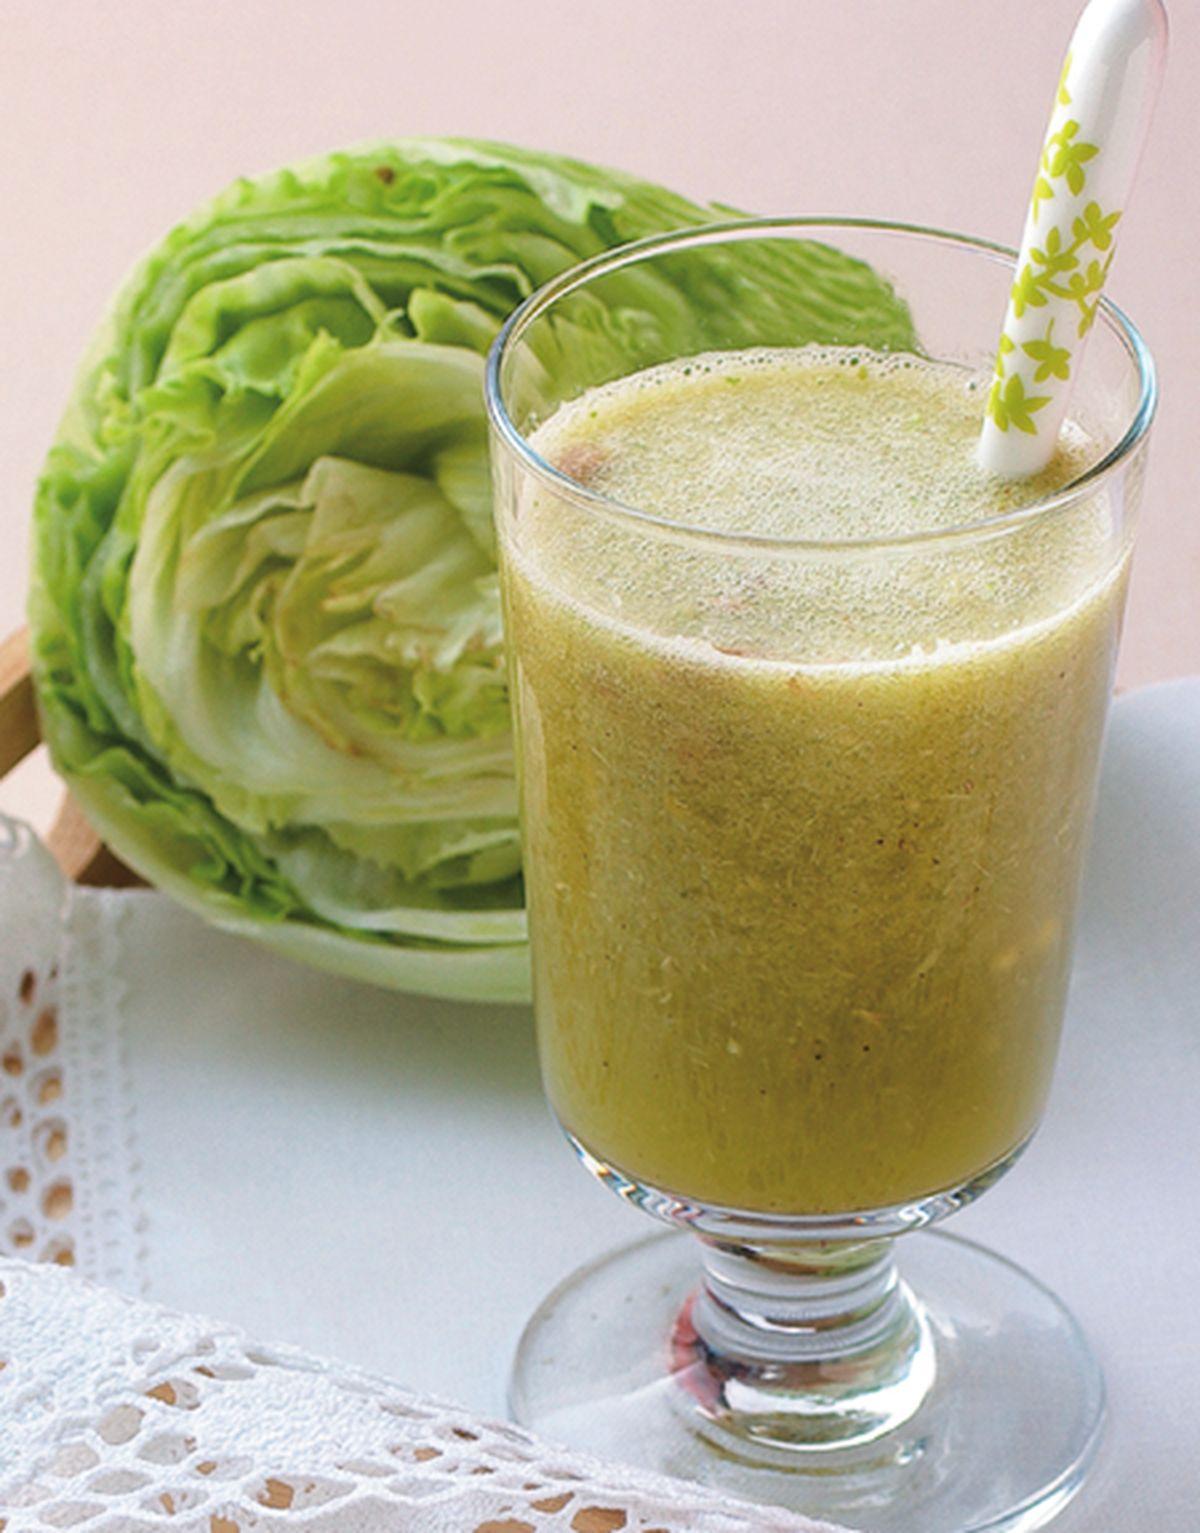 食譜:萵苣牛蒡汁